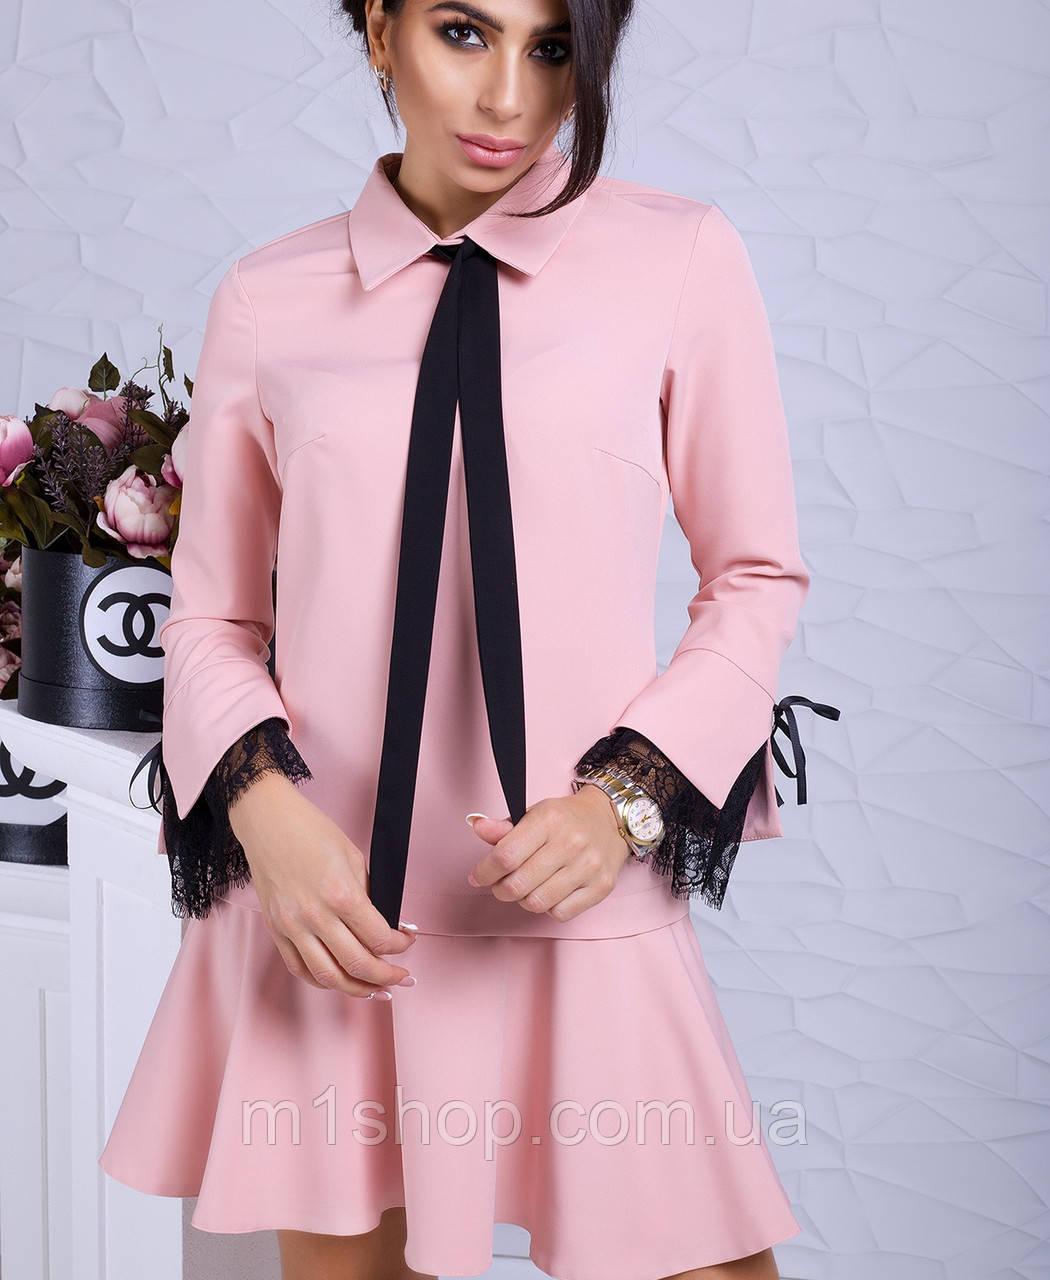 Женское деловое платье с расклешенной юбкой (Гретта lzn)